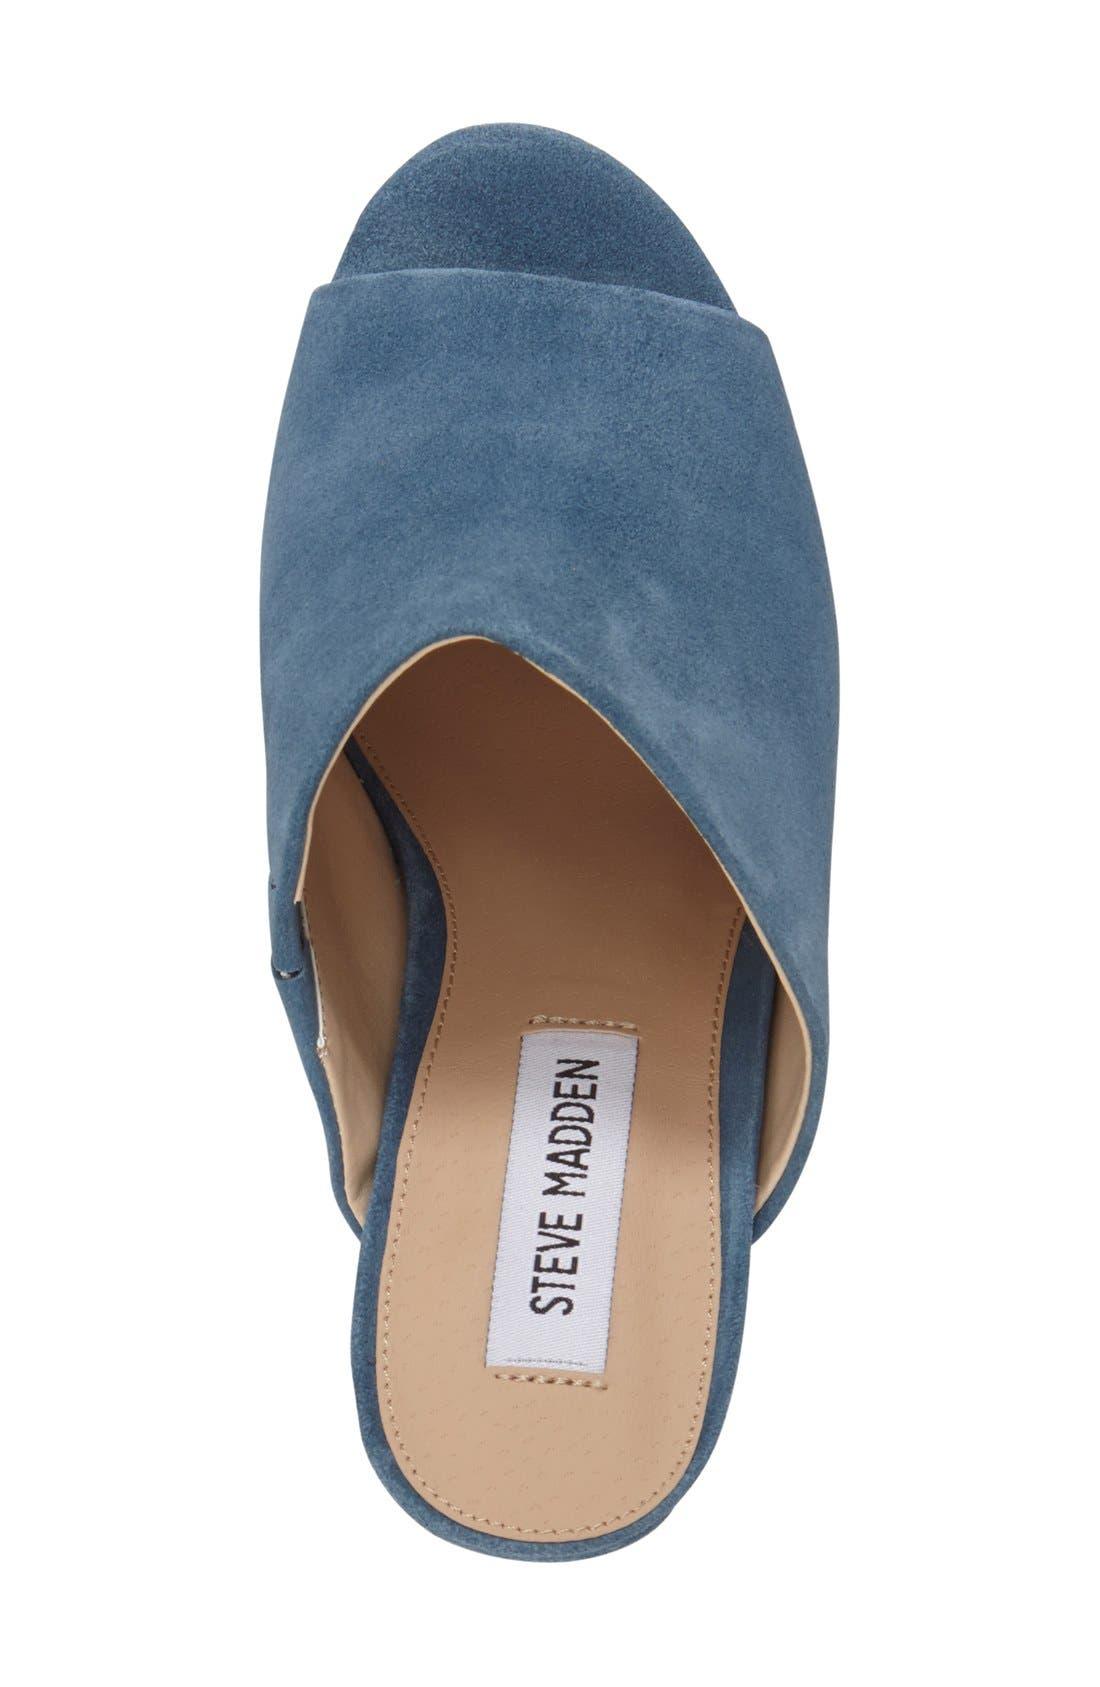 Alternate Image 3  - Steve Madden 'Stonnes' Platform Sandal (Women)